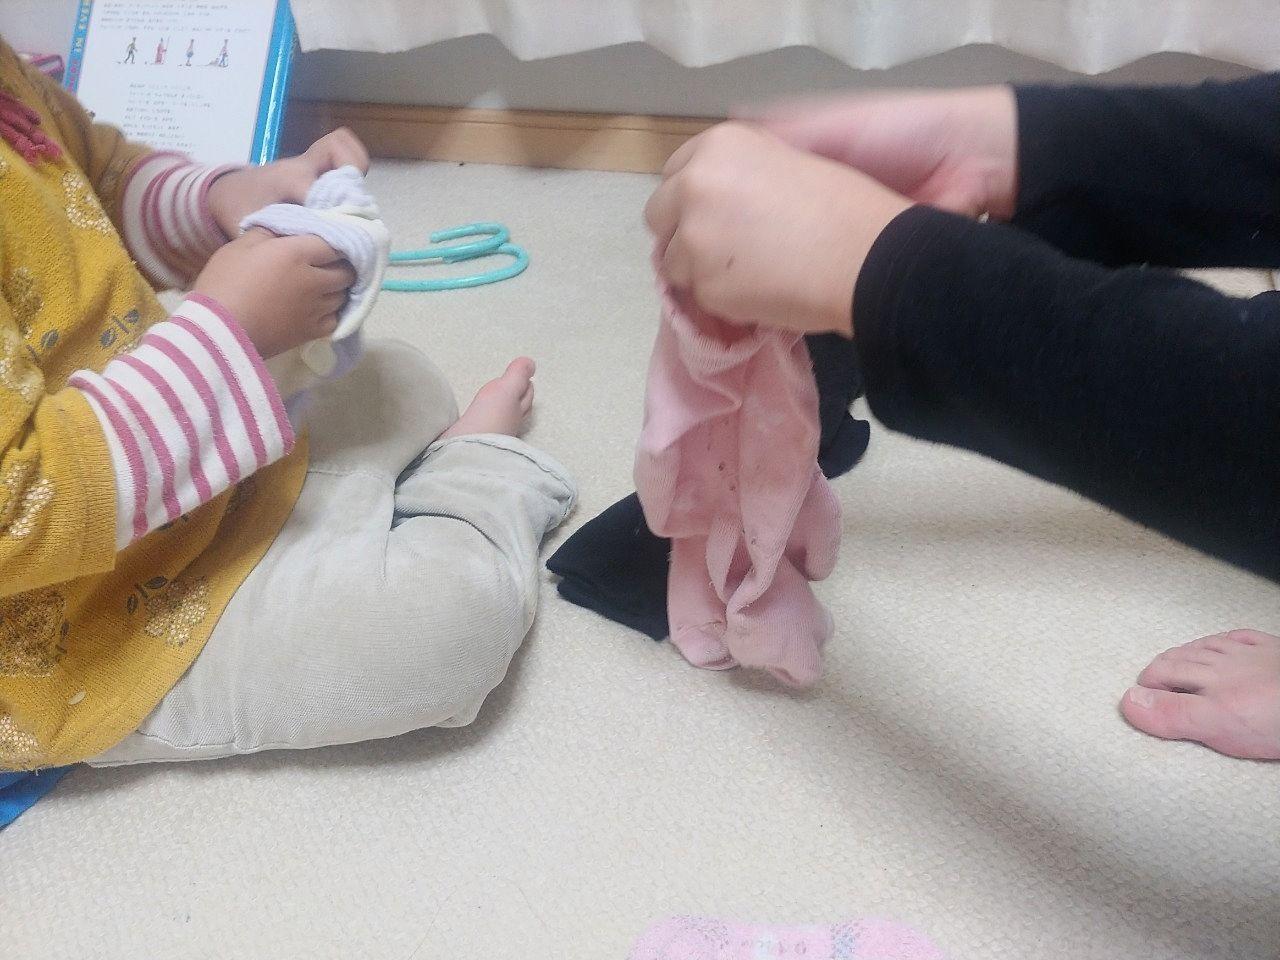 靴下のまとめ方を指南している様子